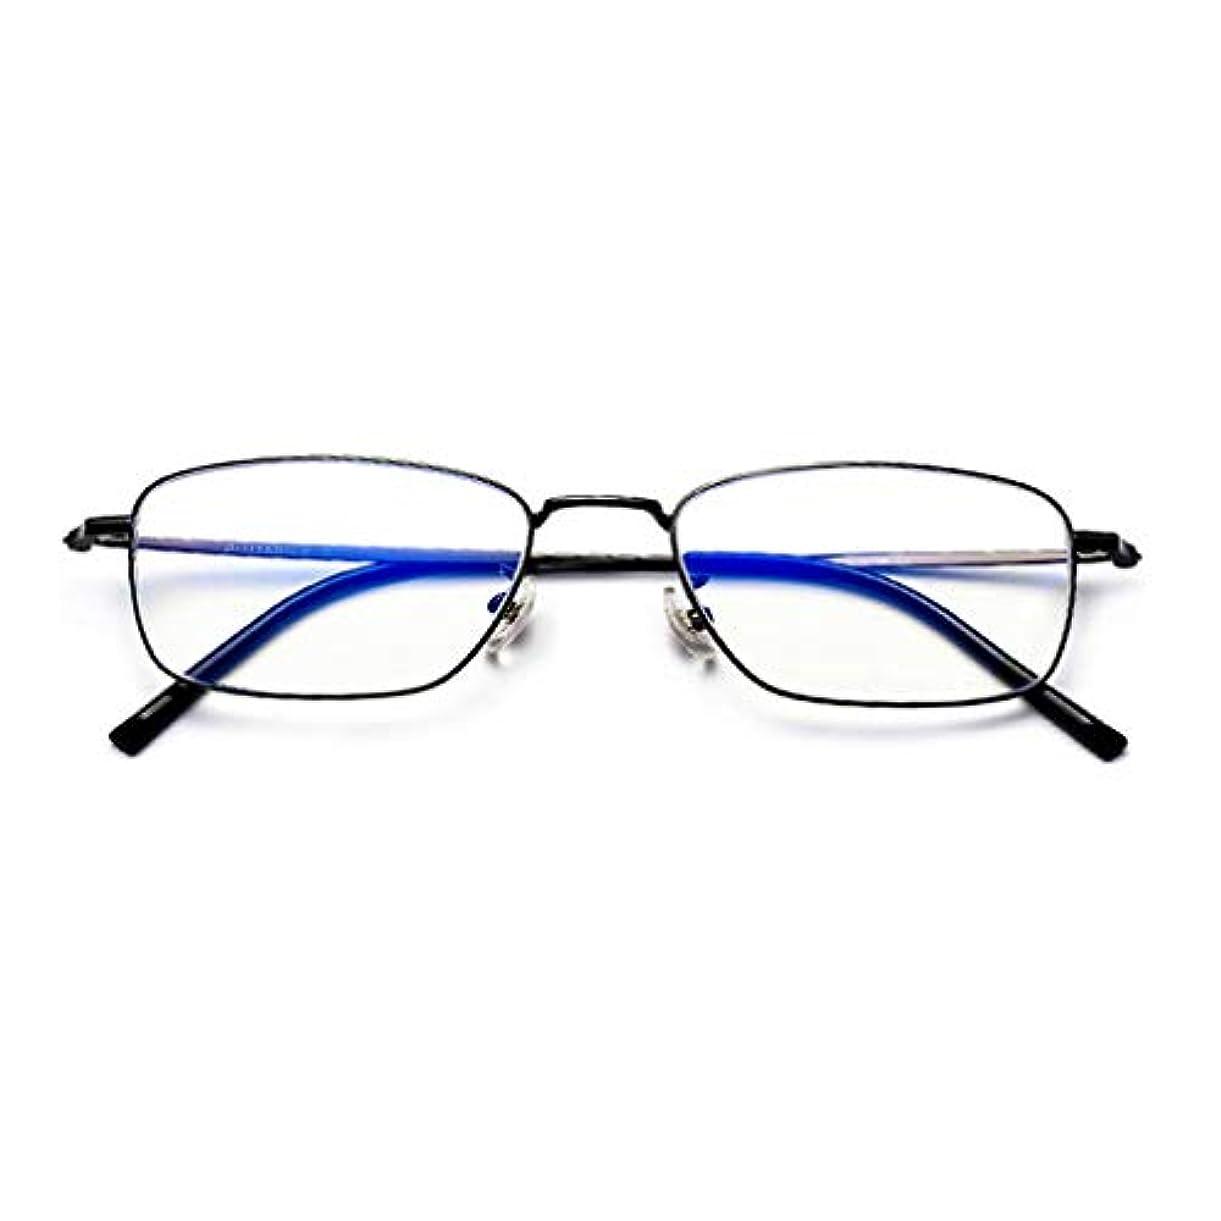 マカダム喜んで飲食店インテリジェント老眼鏡 フォトクロミック老眼鏡、屋内および屋外兼用老眼鏡、インテリジェントズームサングラス、ユニセックス光学眼鏡、チタンフレーム/樹脂レンズ/UV保護